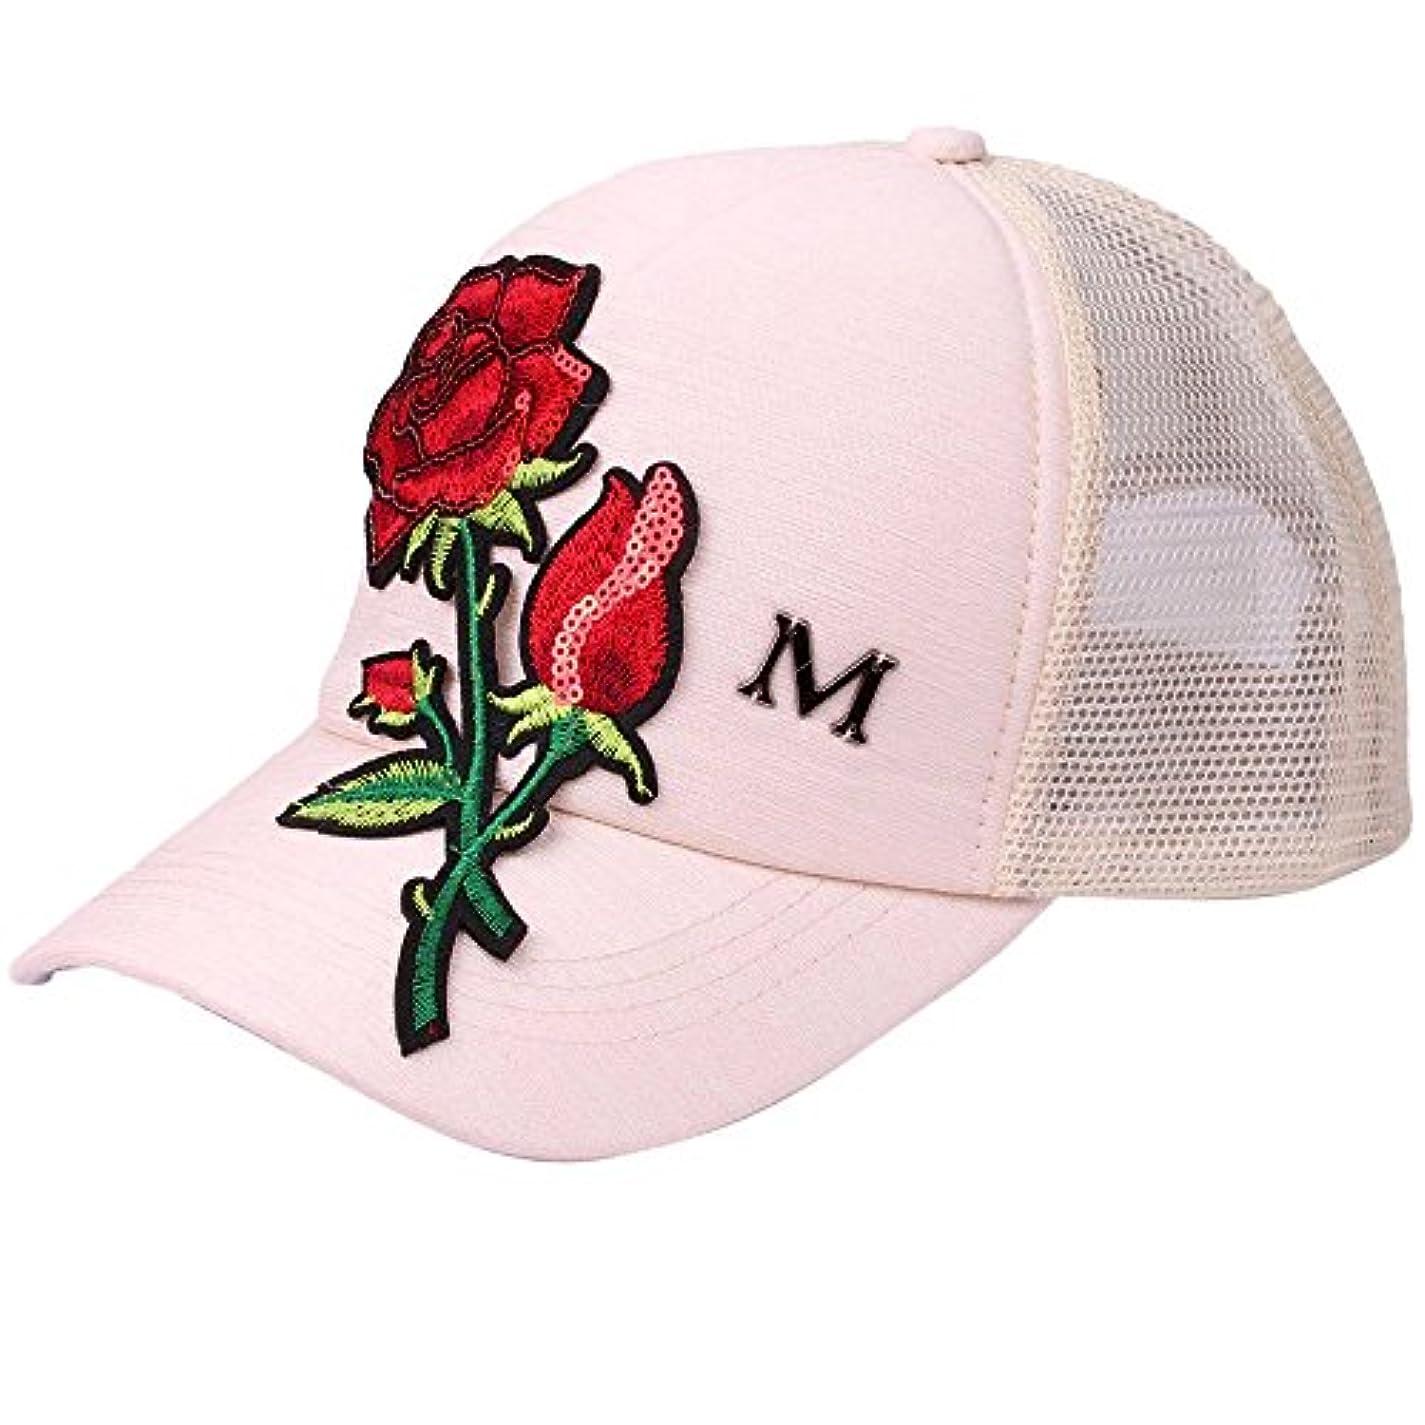 メタン属するオーナメントRacazing Cap ローズ 刺繍 ヒップホップ 野球帽 通気性のある 帽子 夏 登山 メッシュ 可調整可能 棒球帽 UV 帽子 軽量 屋外 Unisex Hat (ベージュ)